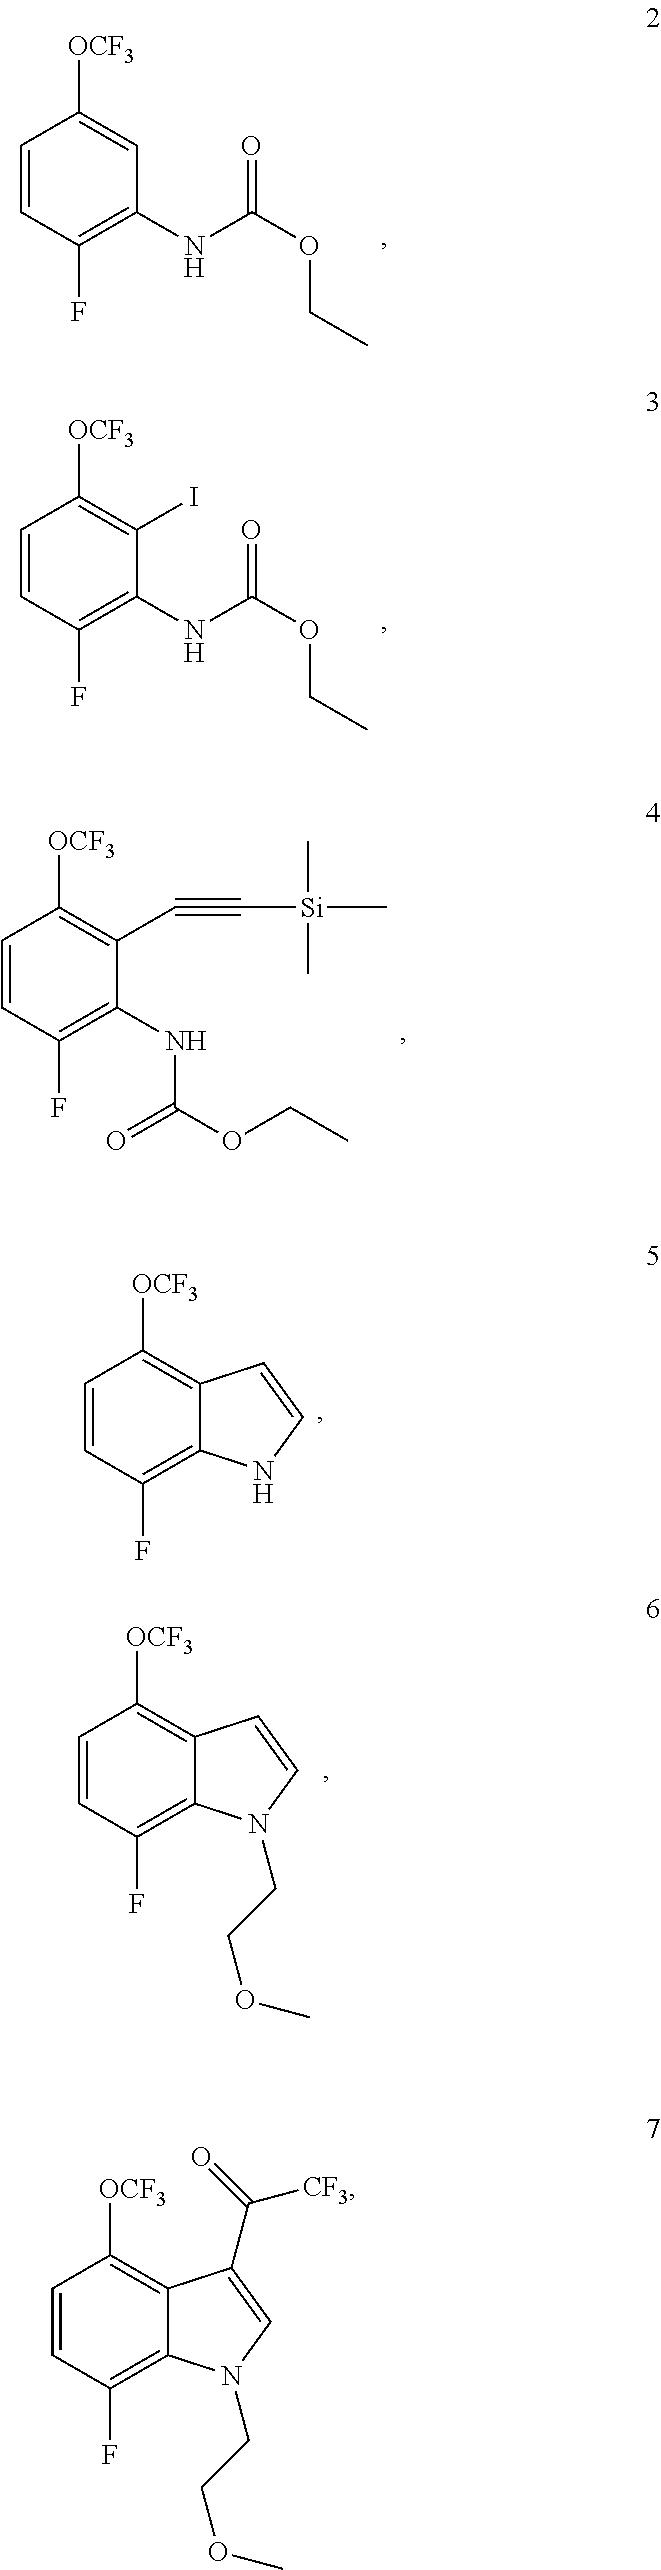 Figure US20110201647A1-20110818-C00008